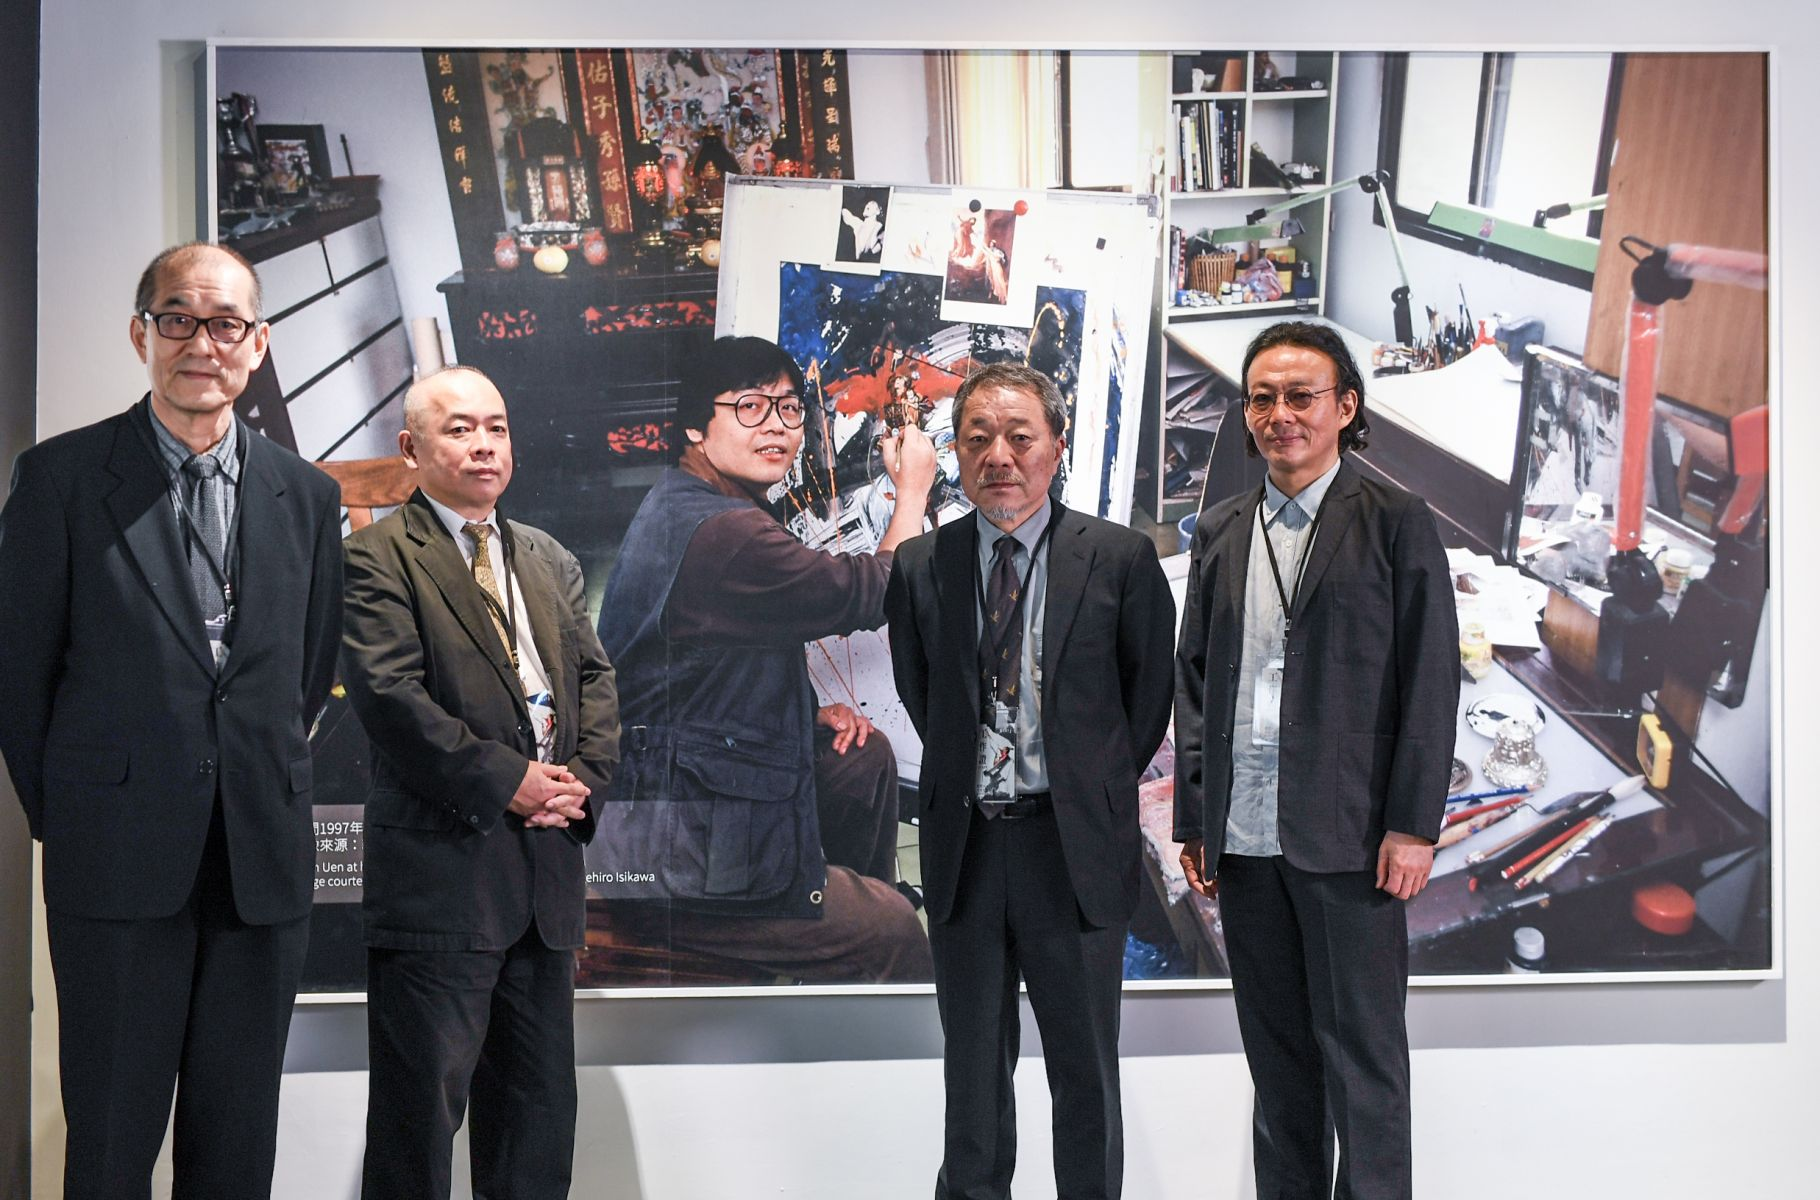 鬼才!一部橫越1萬5千公里的拍攝 揭露國寶級漫畫大師鄭問,如何成為台灣驕傲